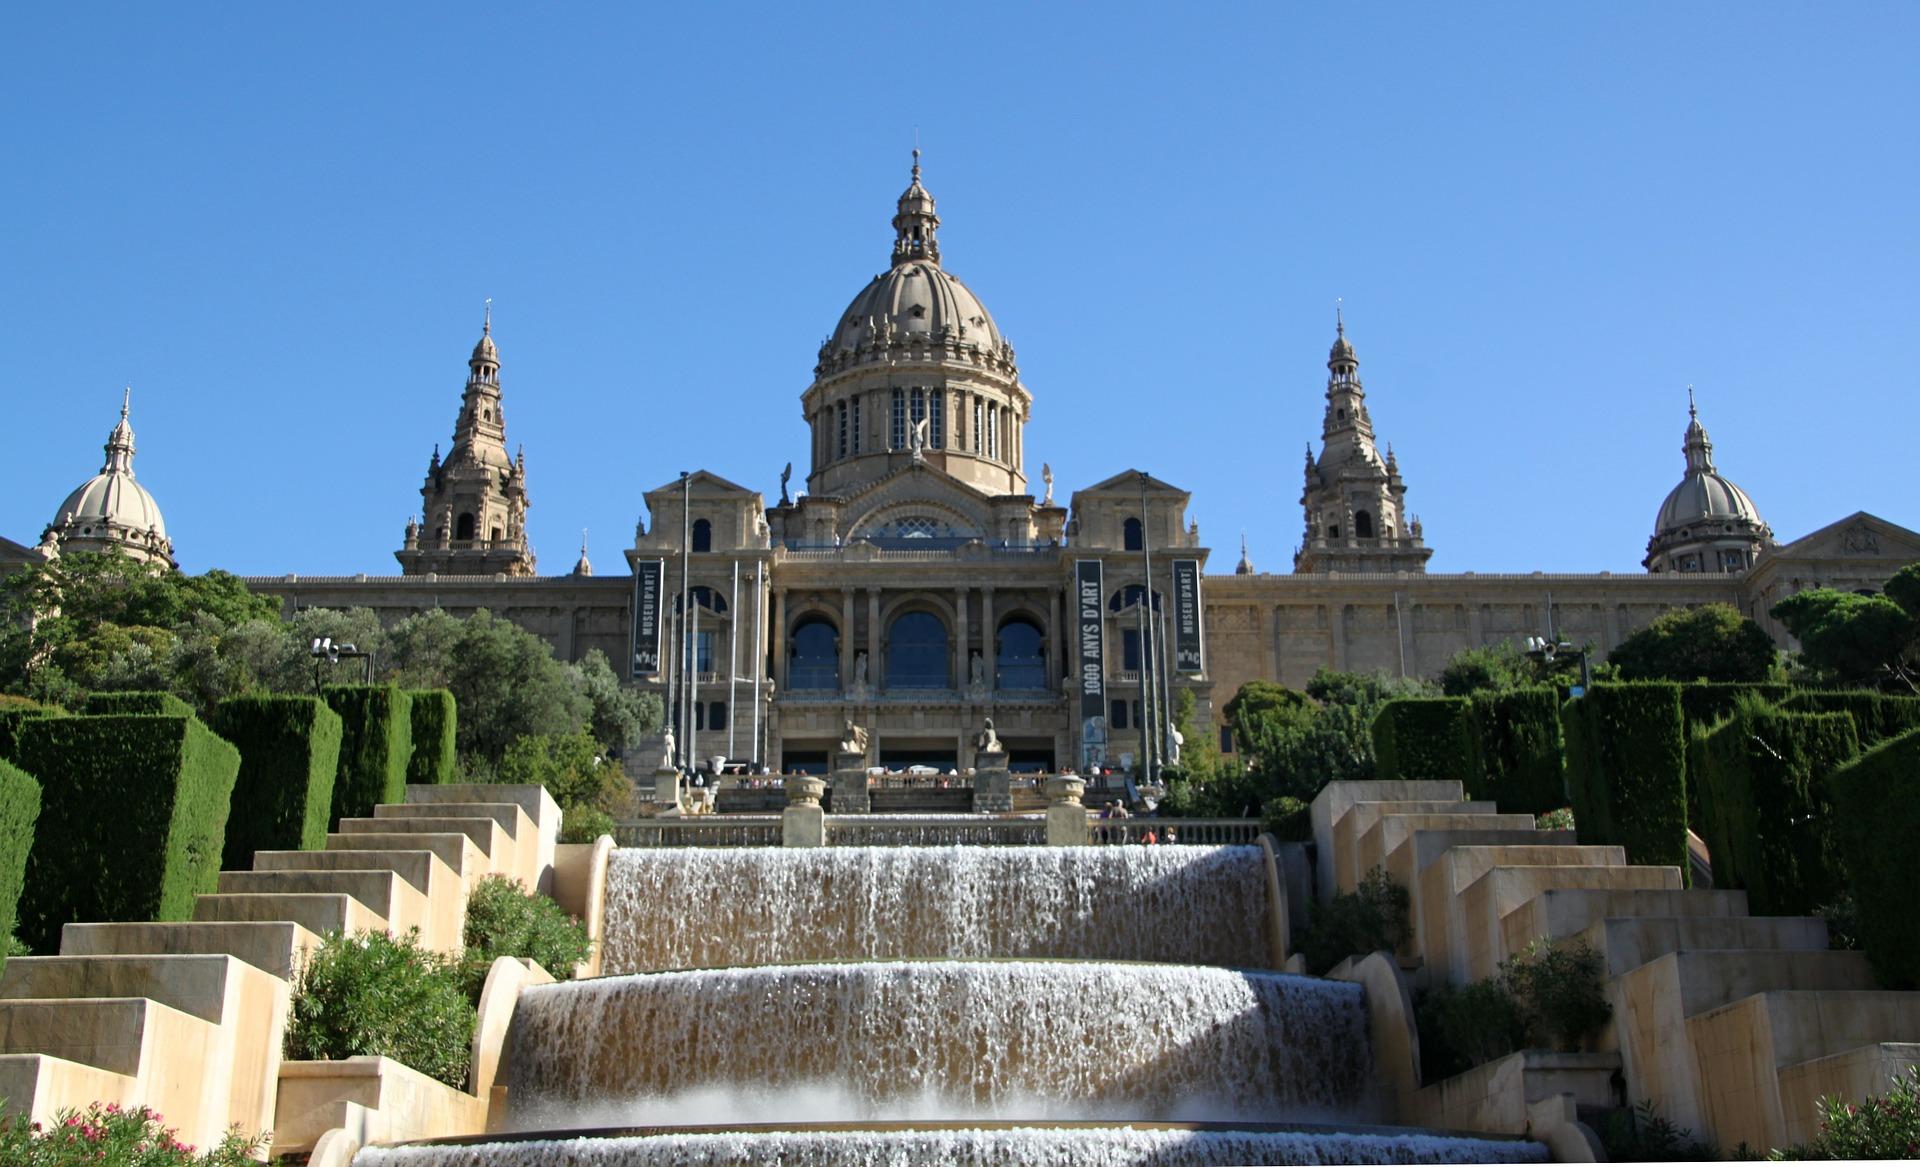 llega-el-verano-a-barcelona-¡otra-vez!